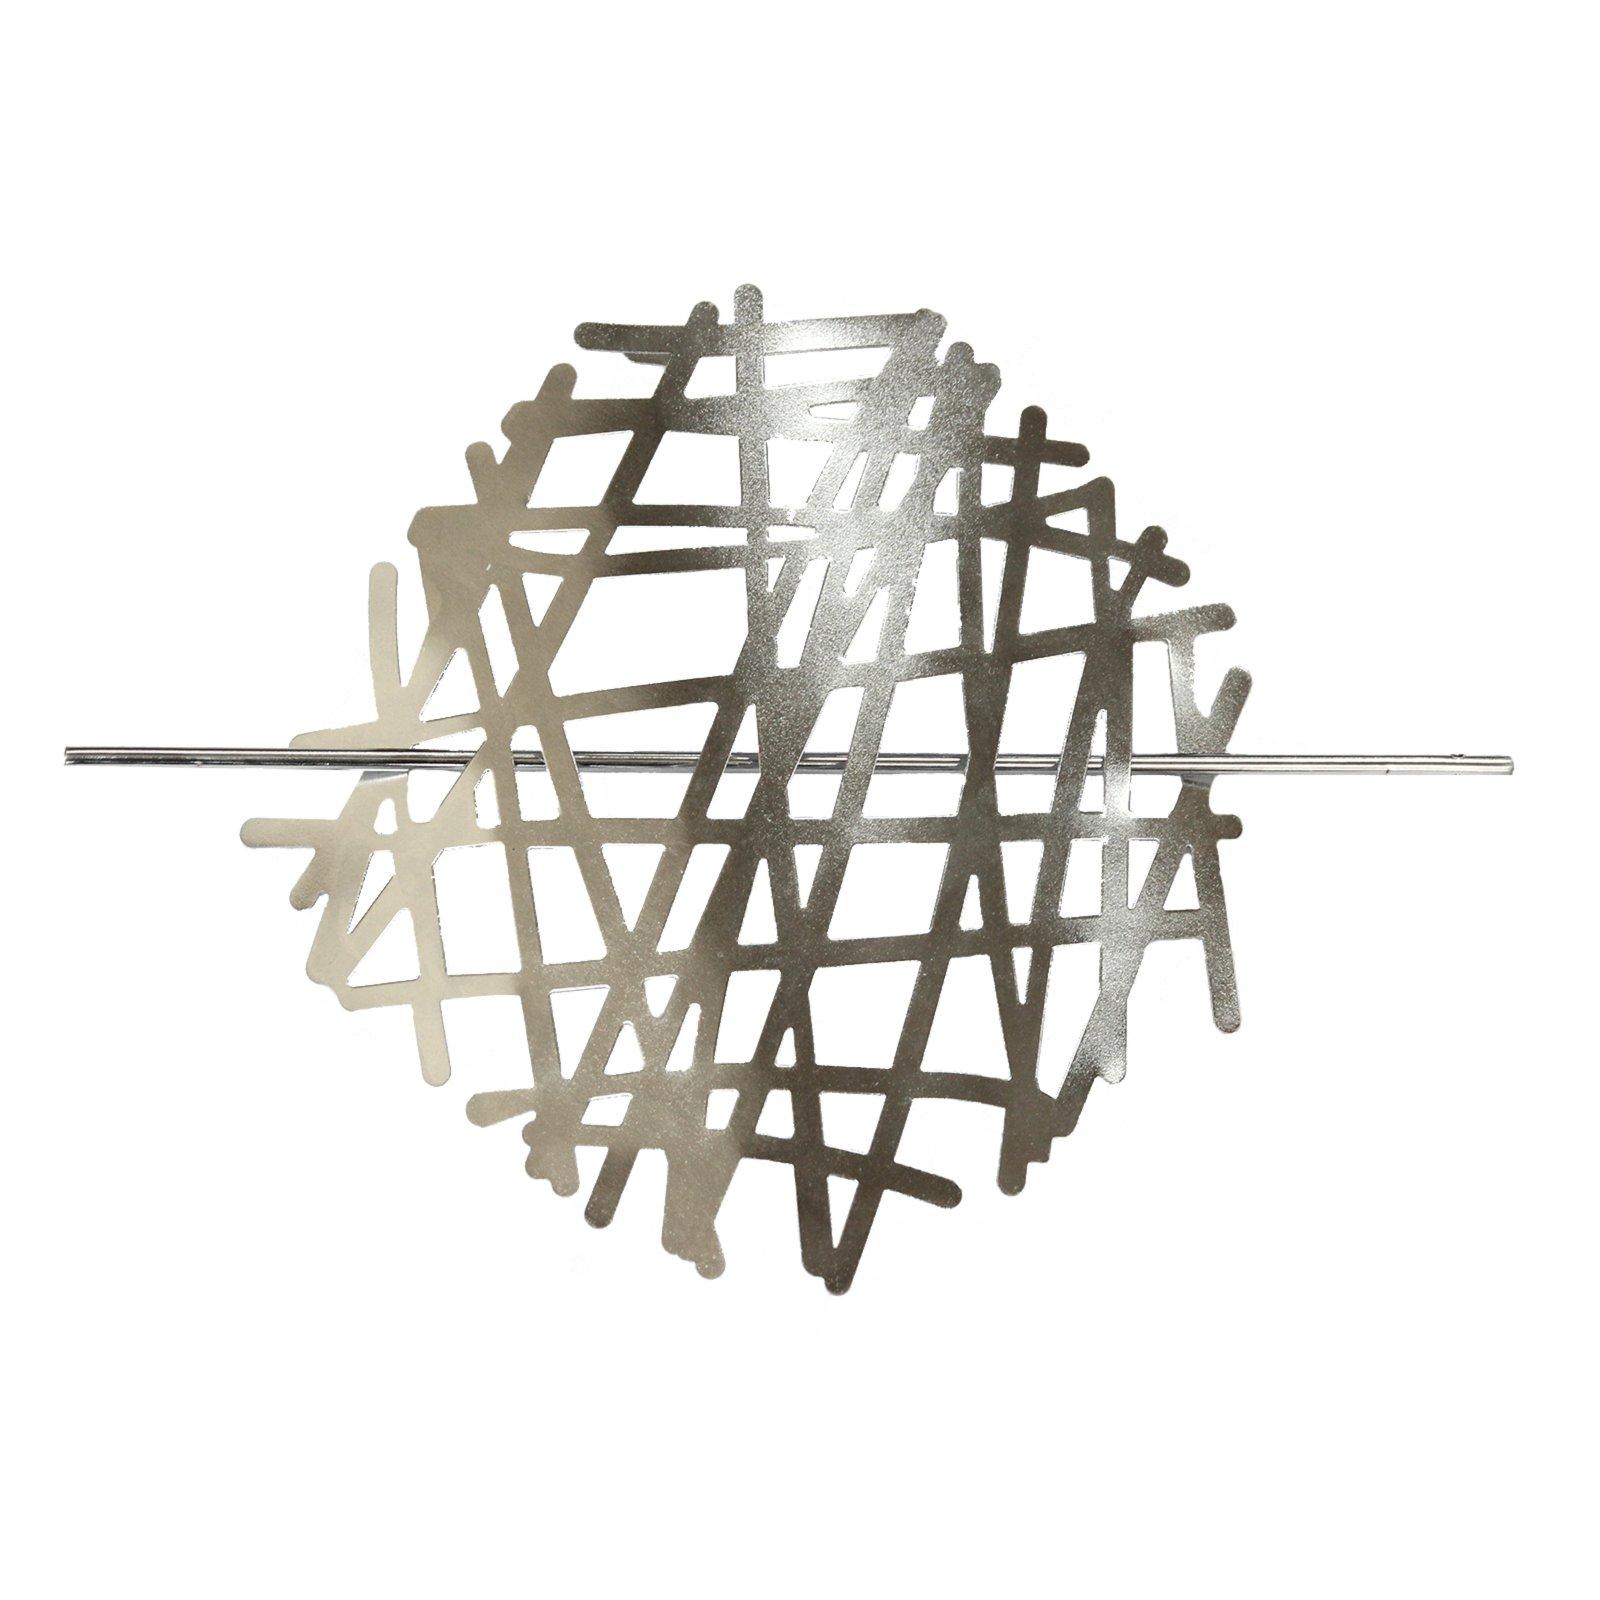 raffhalter roesti silber metall gardinenstangen gardinen zubeh r gardinen vorh nge